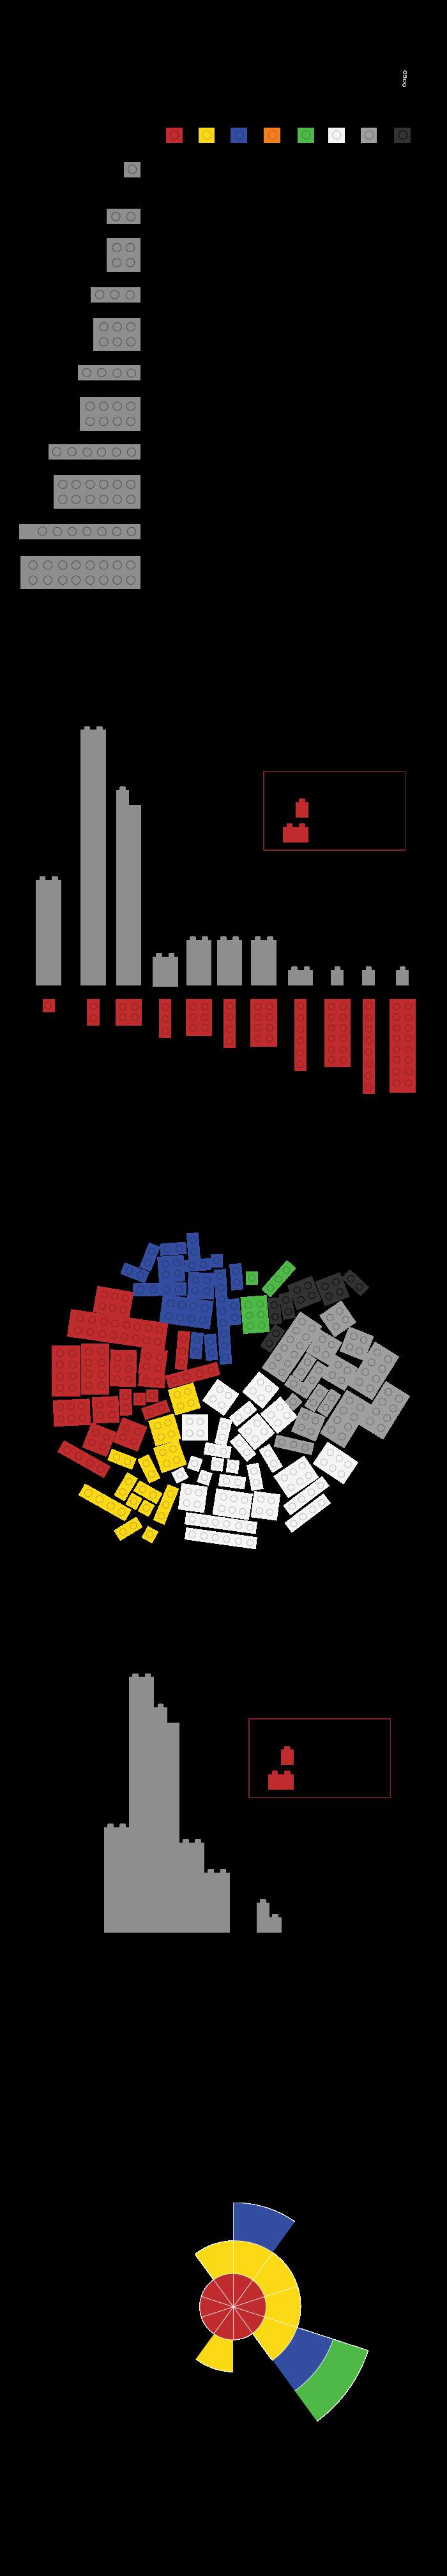 lego-app-better